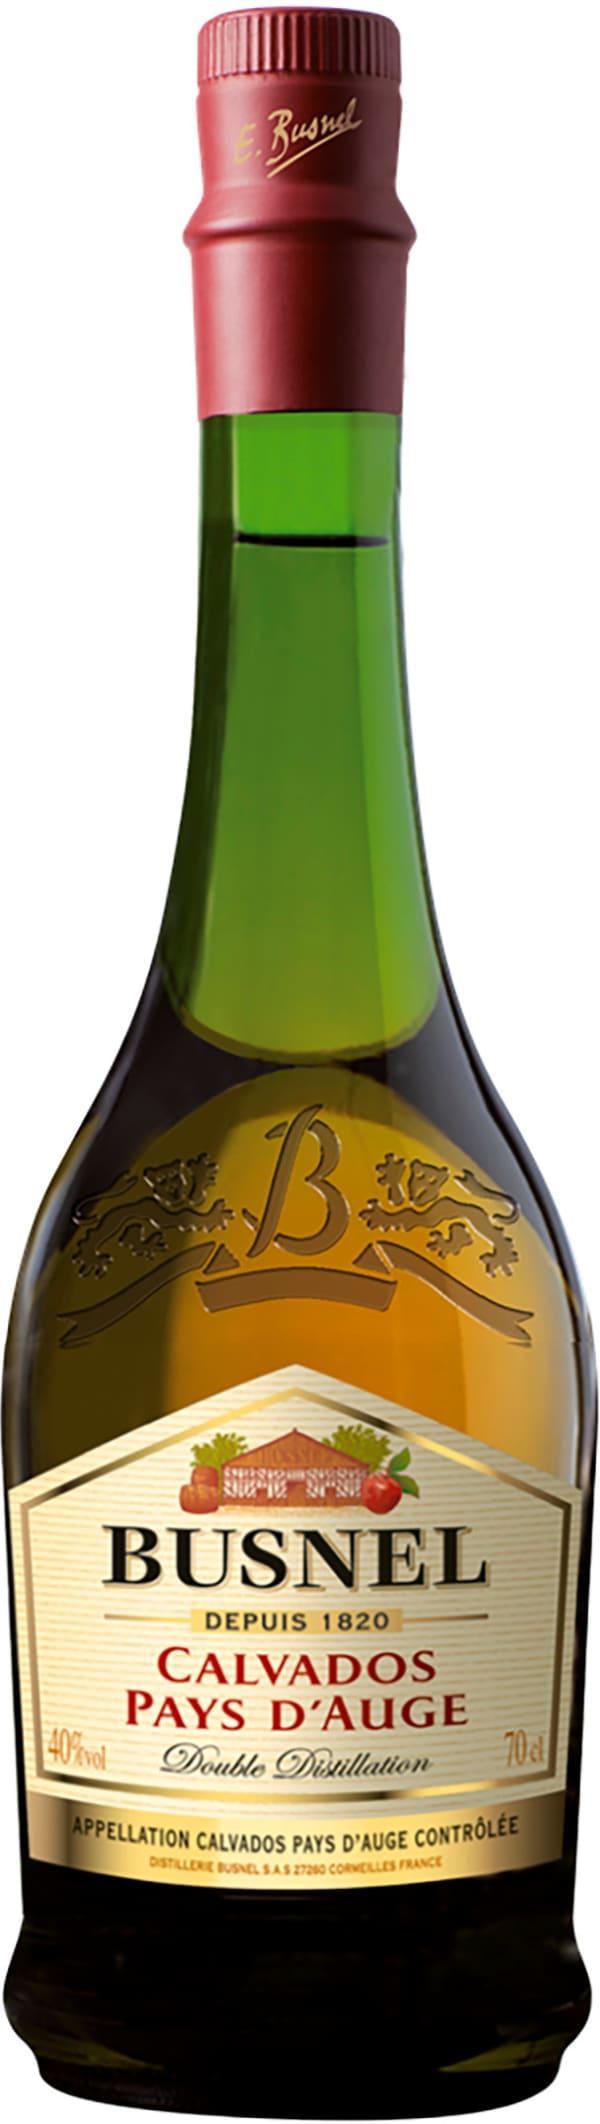 Busnel Pays d'Auge Fine Calvados